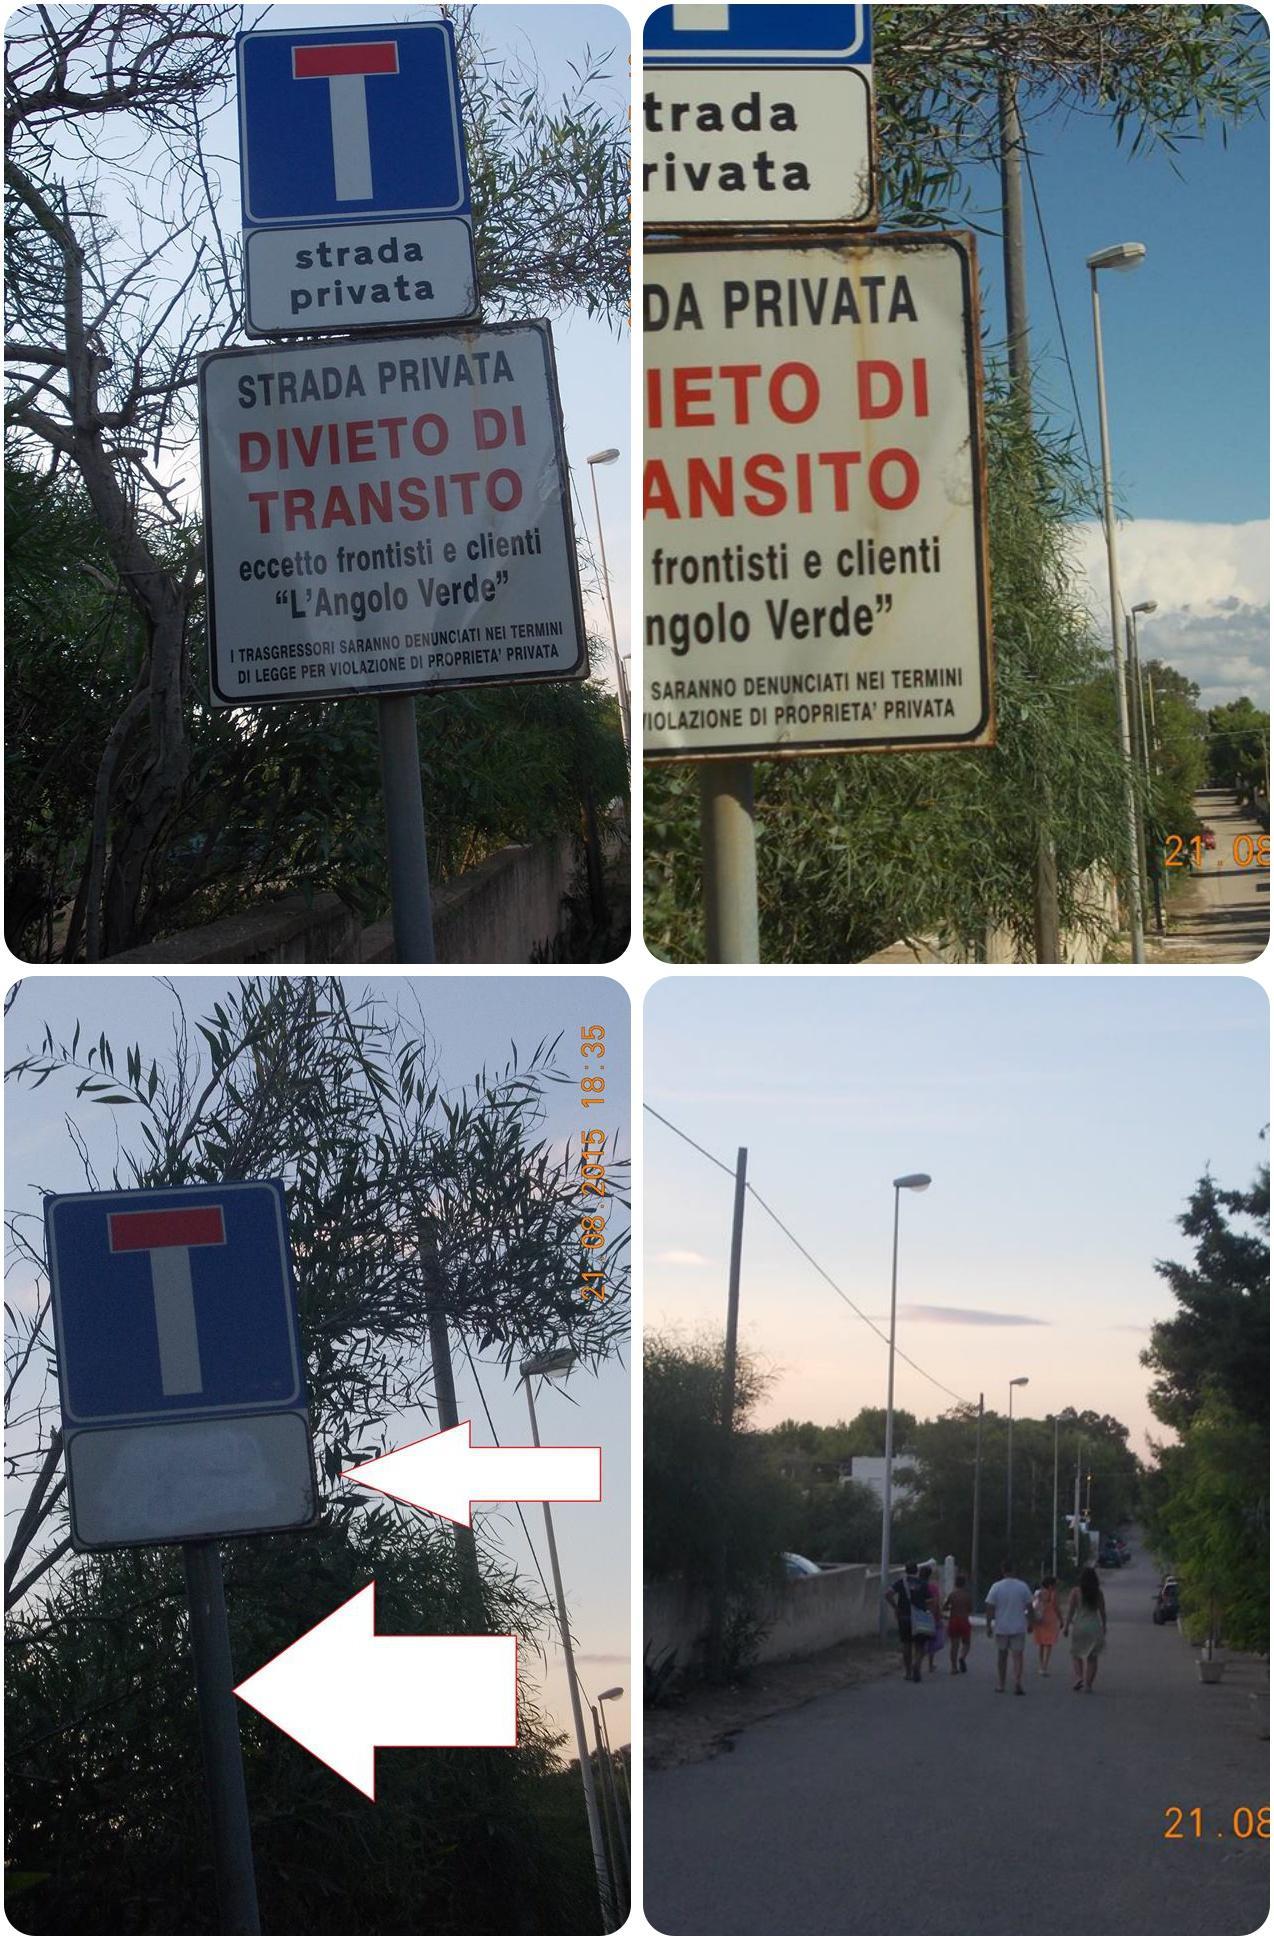 Strada privata la voce di maruggio for Strada privata